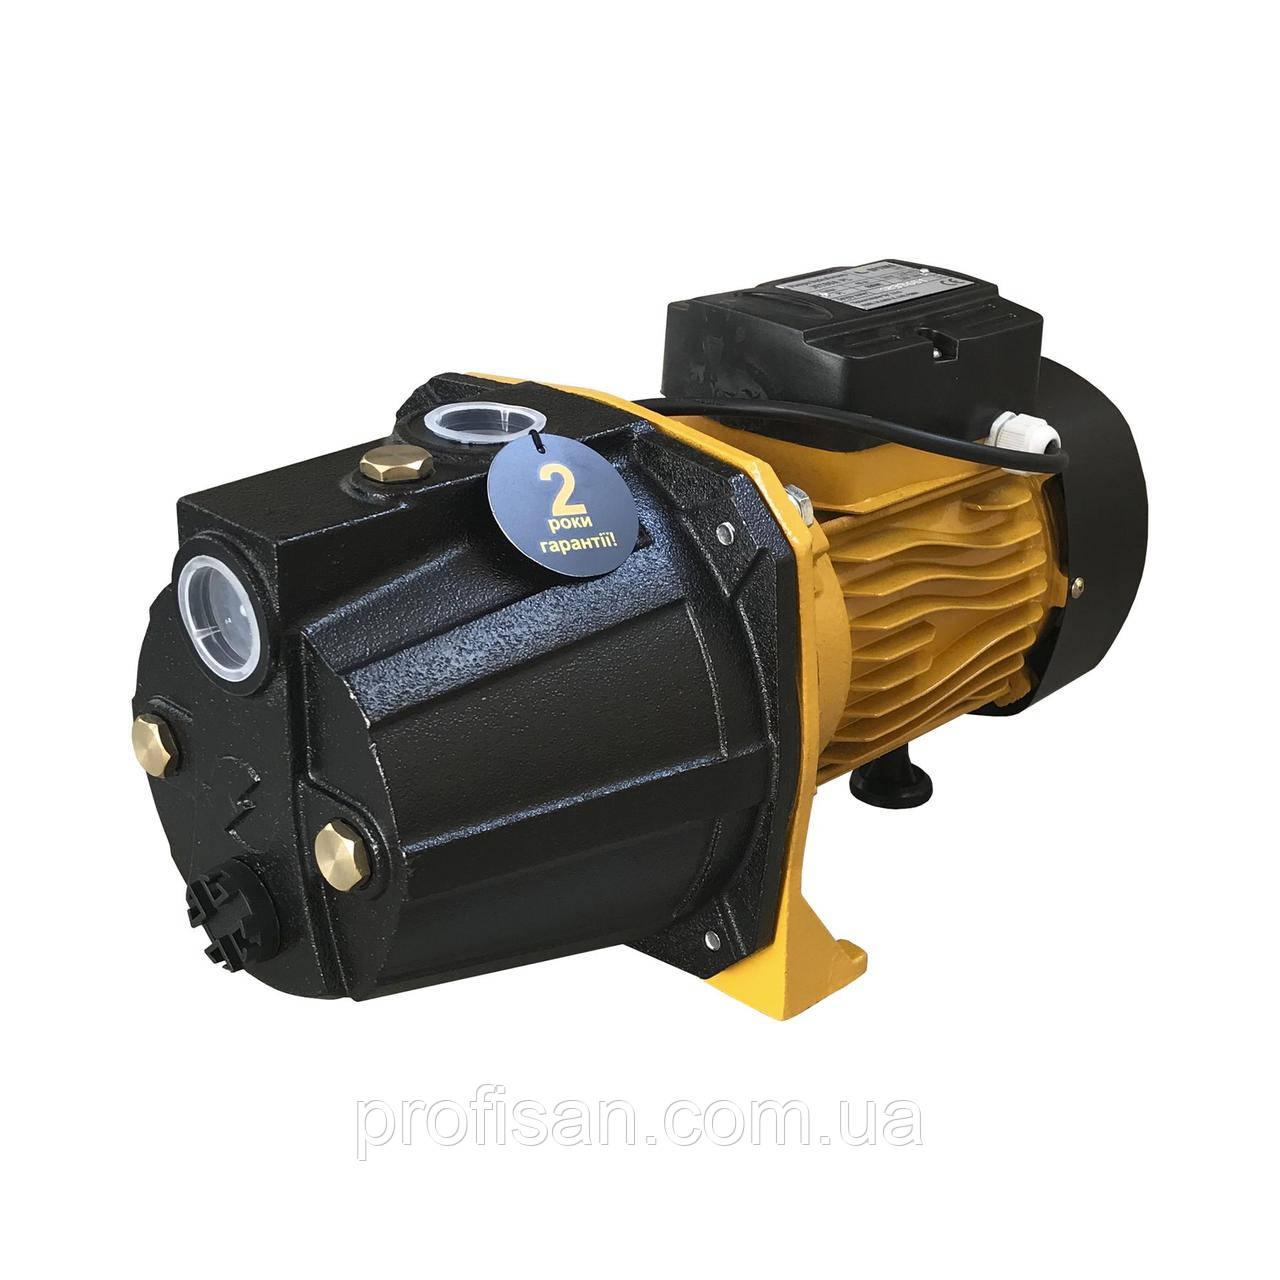 Насос відцентровий JET Optima 80A 0,8 кВт чавун короткий